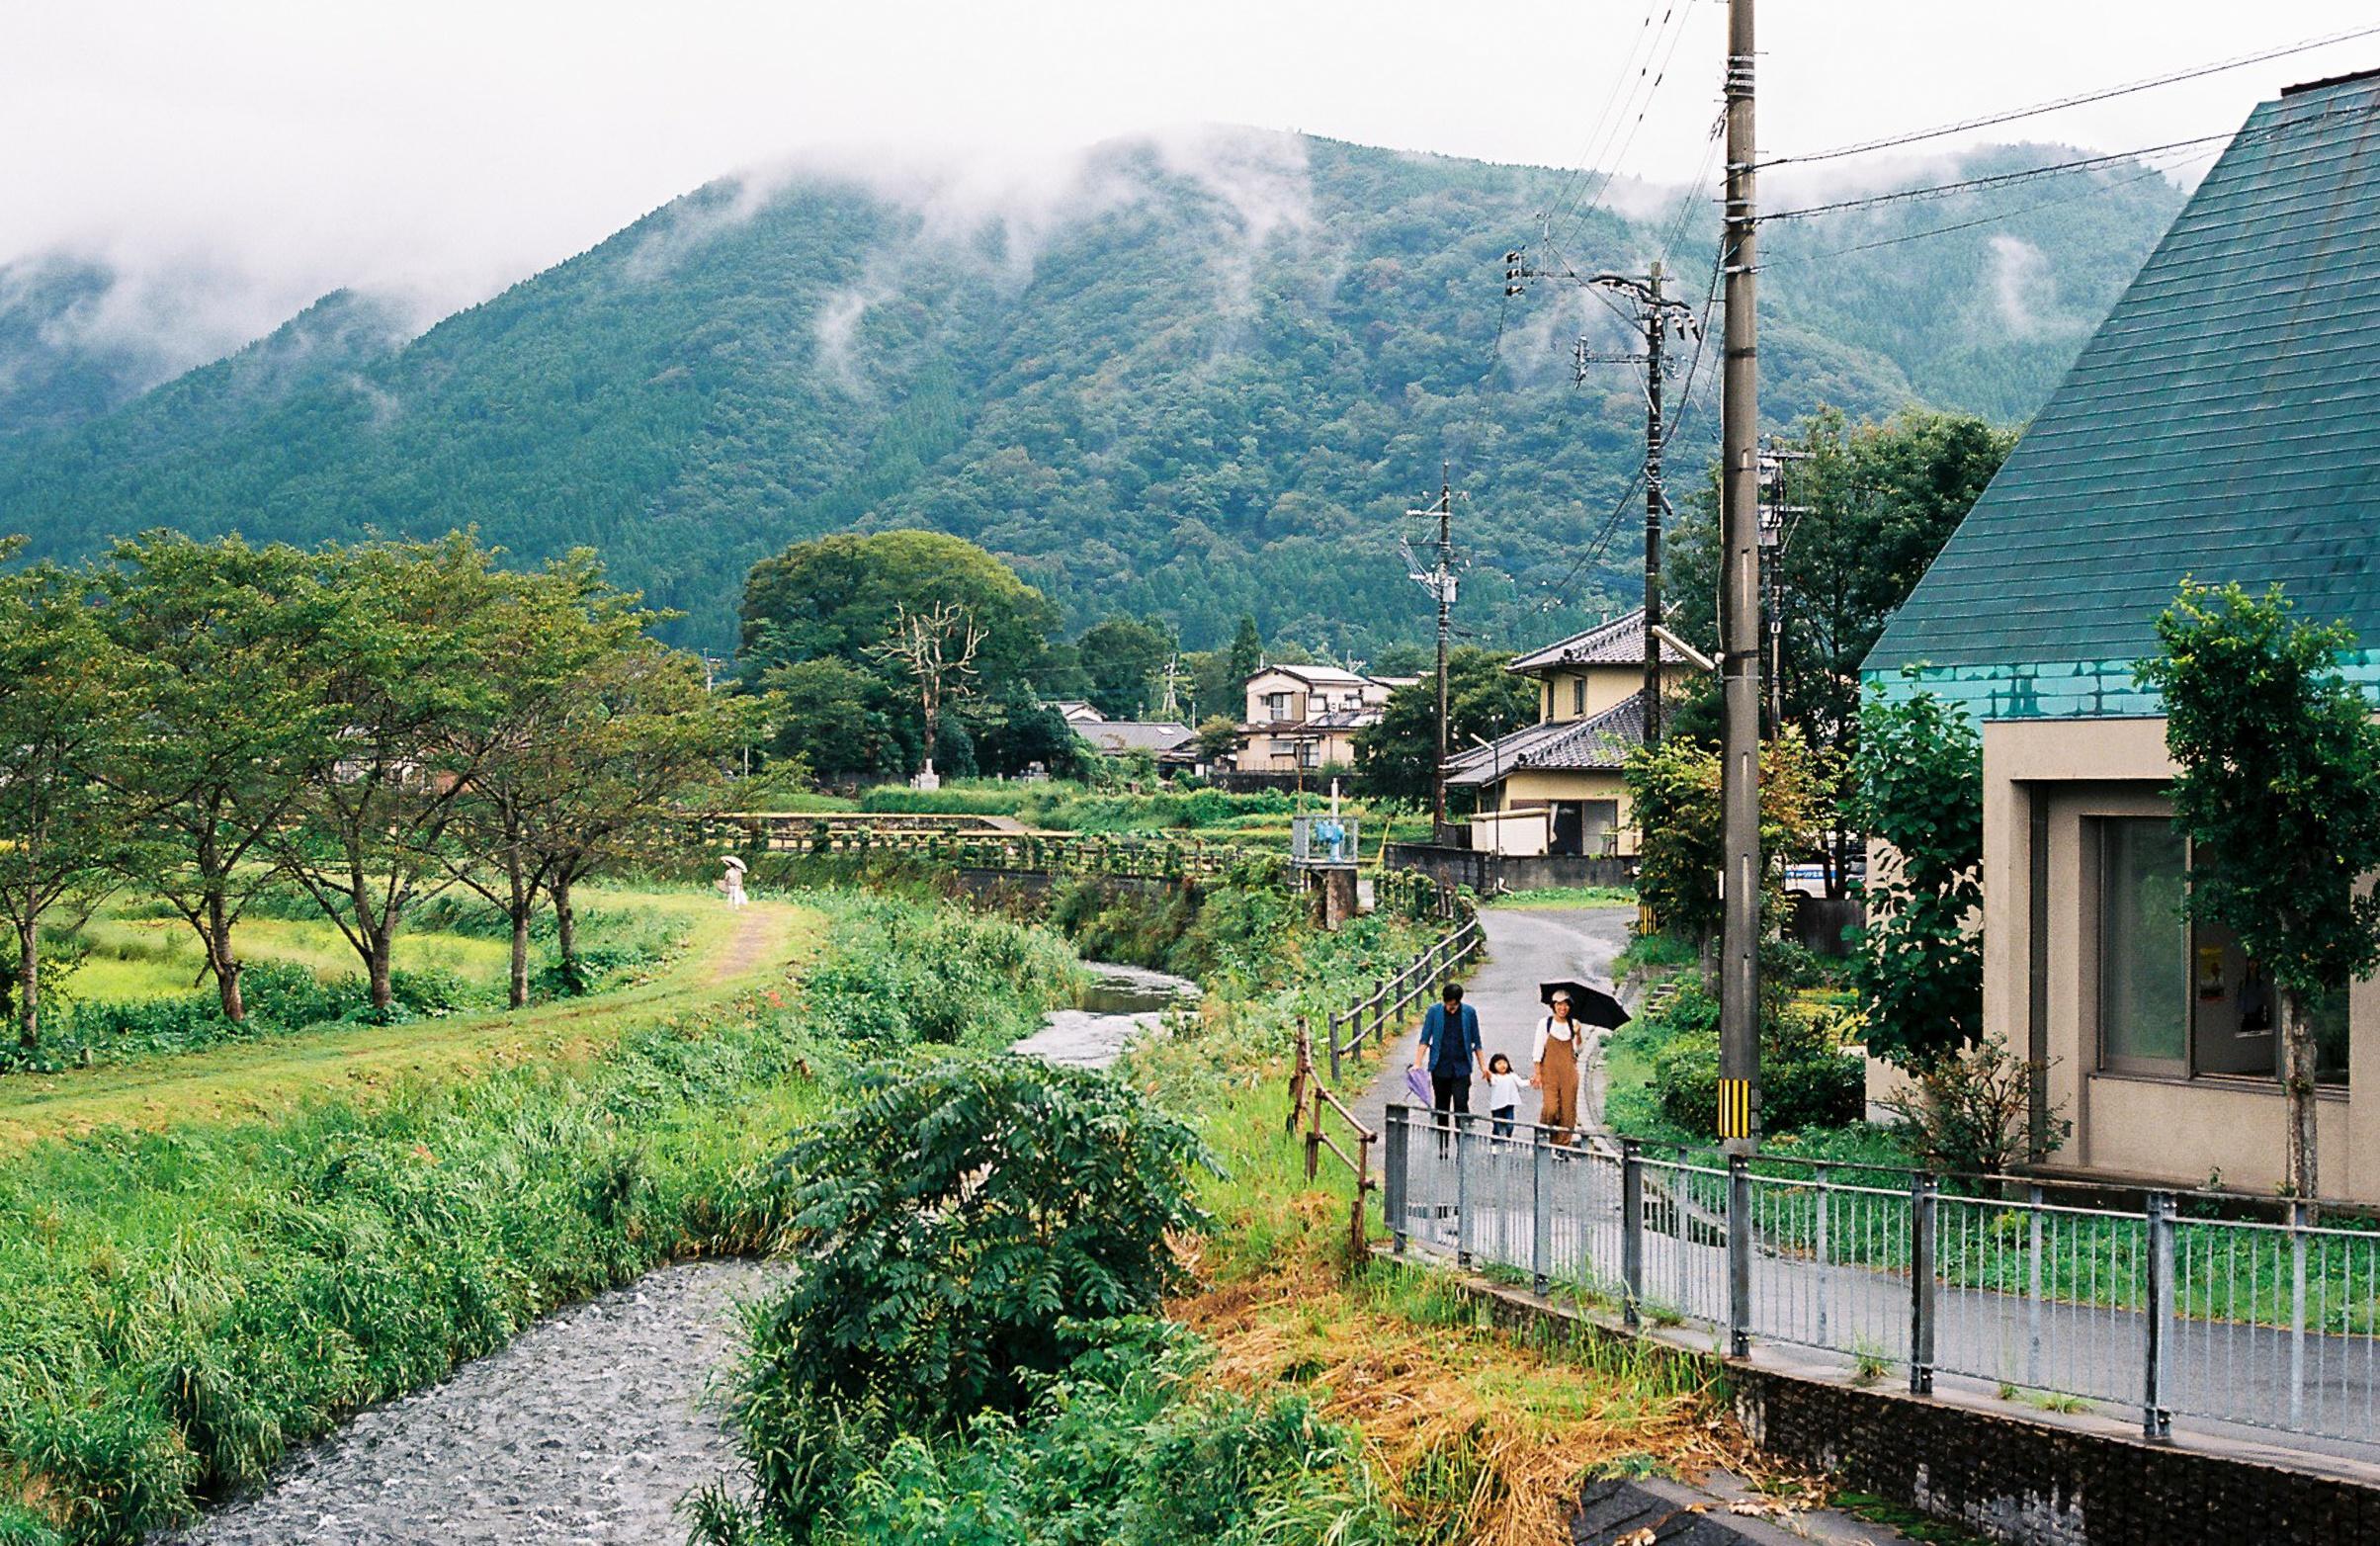 Yufuin, ngôi làng cổ tích ở Nhật Bản Ảnh 22